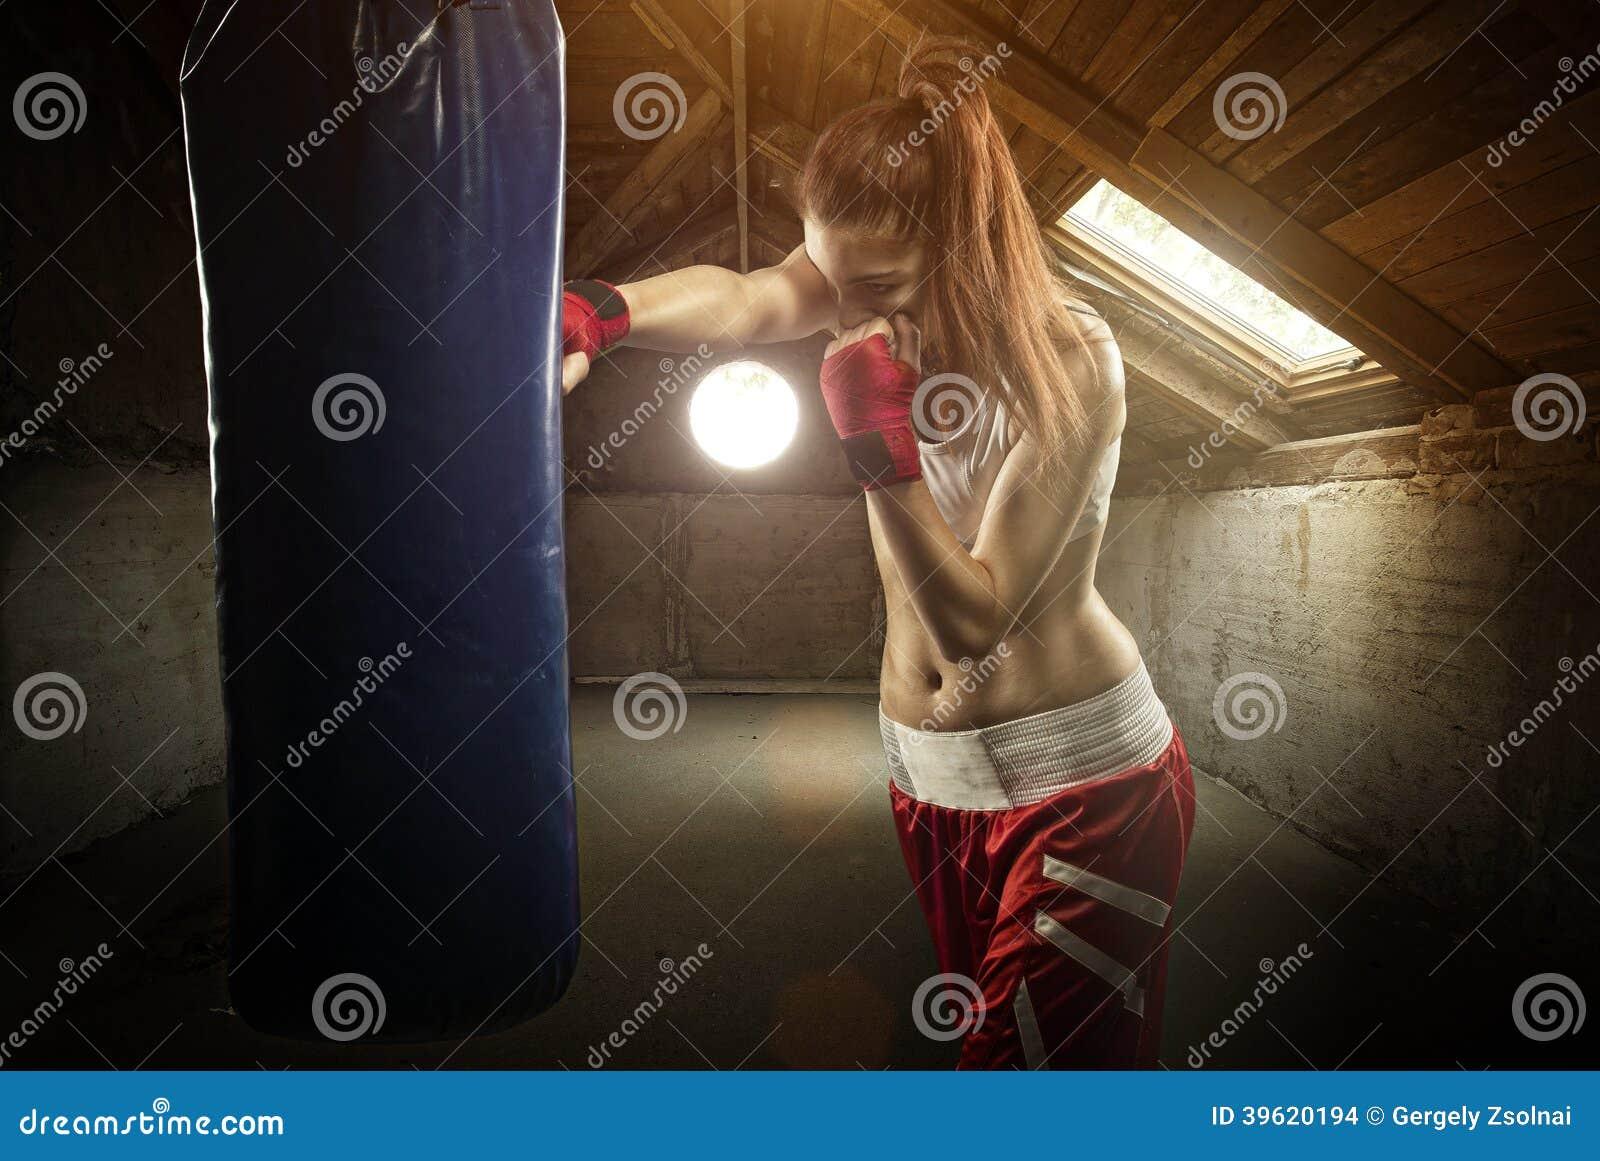 Encaixotamento das jovens mulheres, batendo o saco do encaixotamento - no sótão